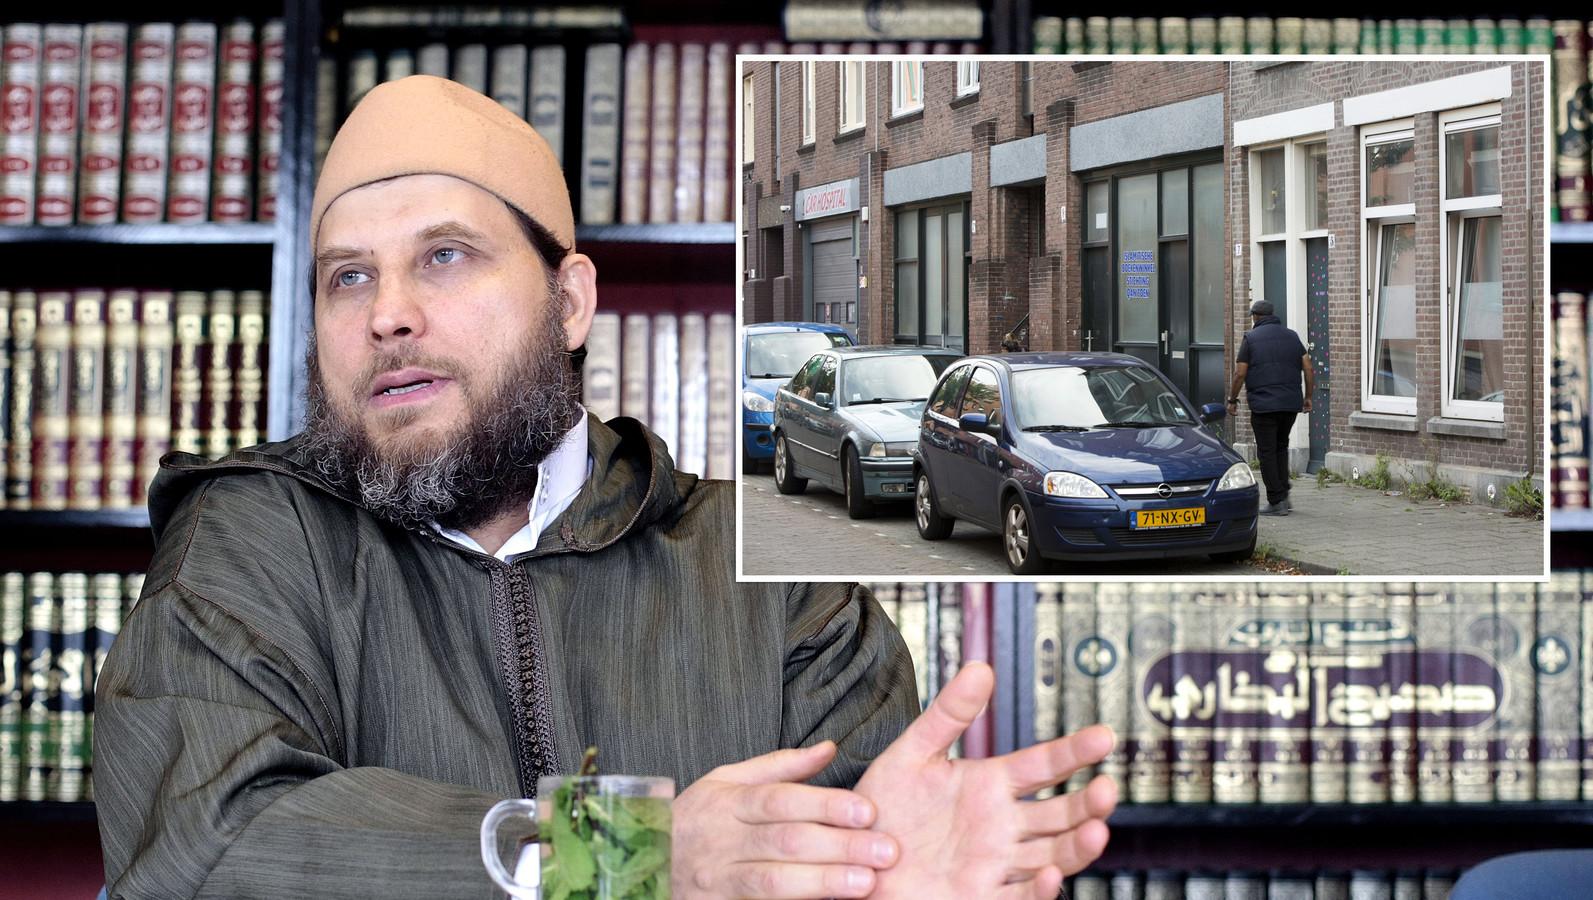 Imam Fawaz Jneid. Inzet: het pand in de Cillierstraat (Transvaal).